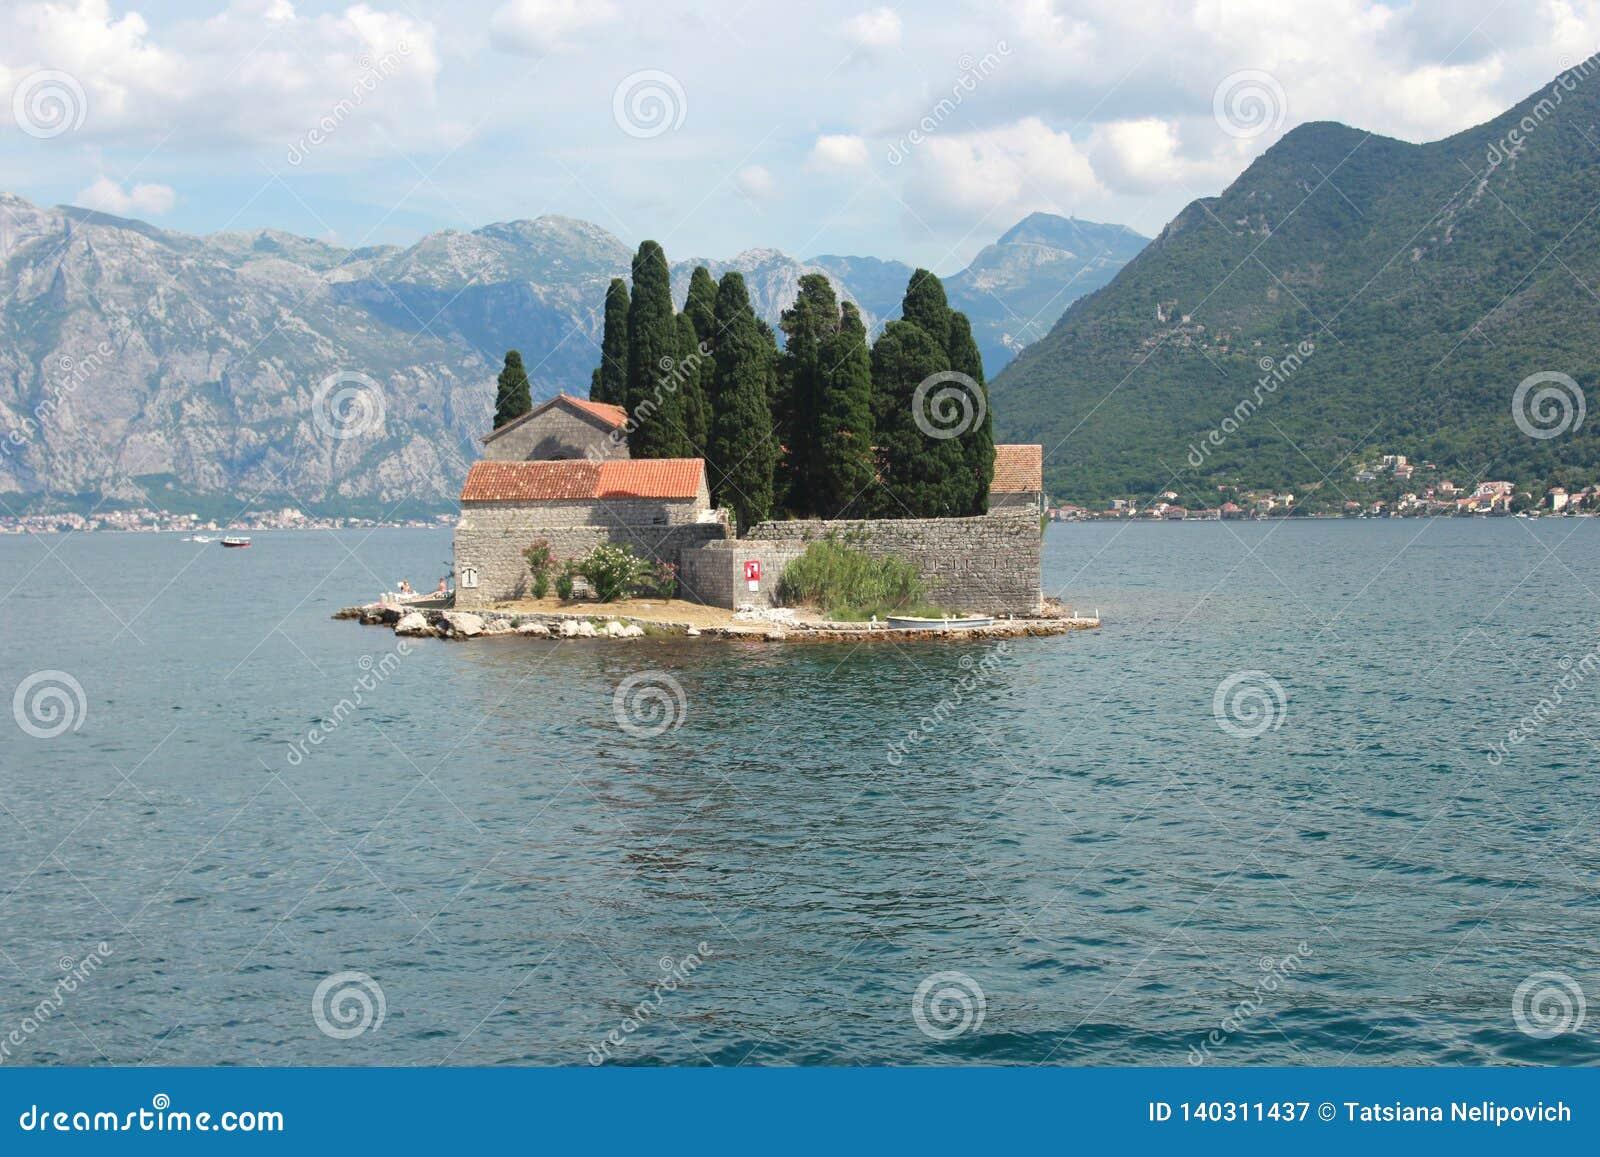 Νησί Αγίου George με ένα Benedictine μοναστήρι στον κόλπο Kotor - το Μαυροβούνιο